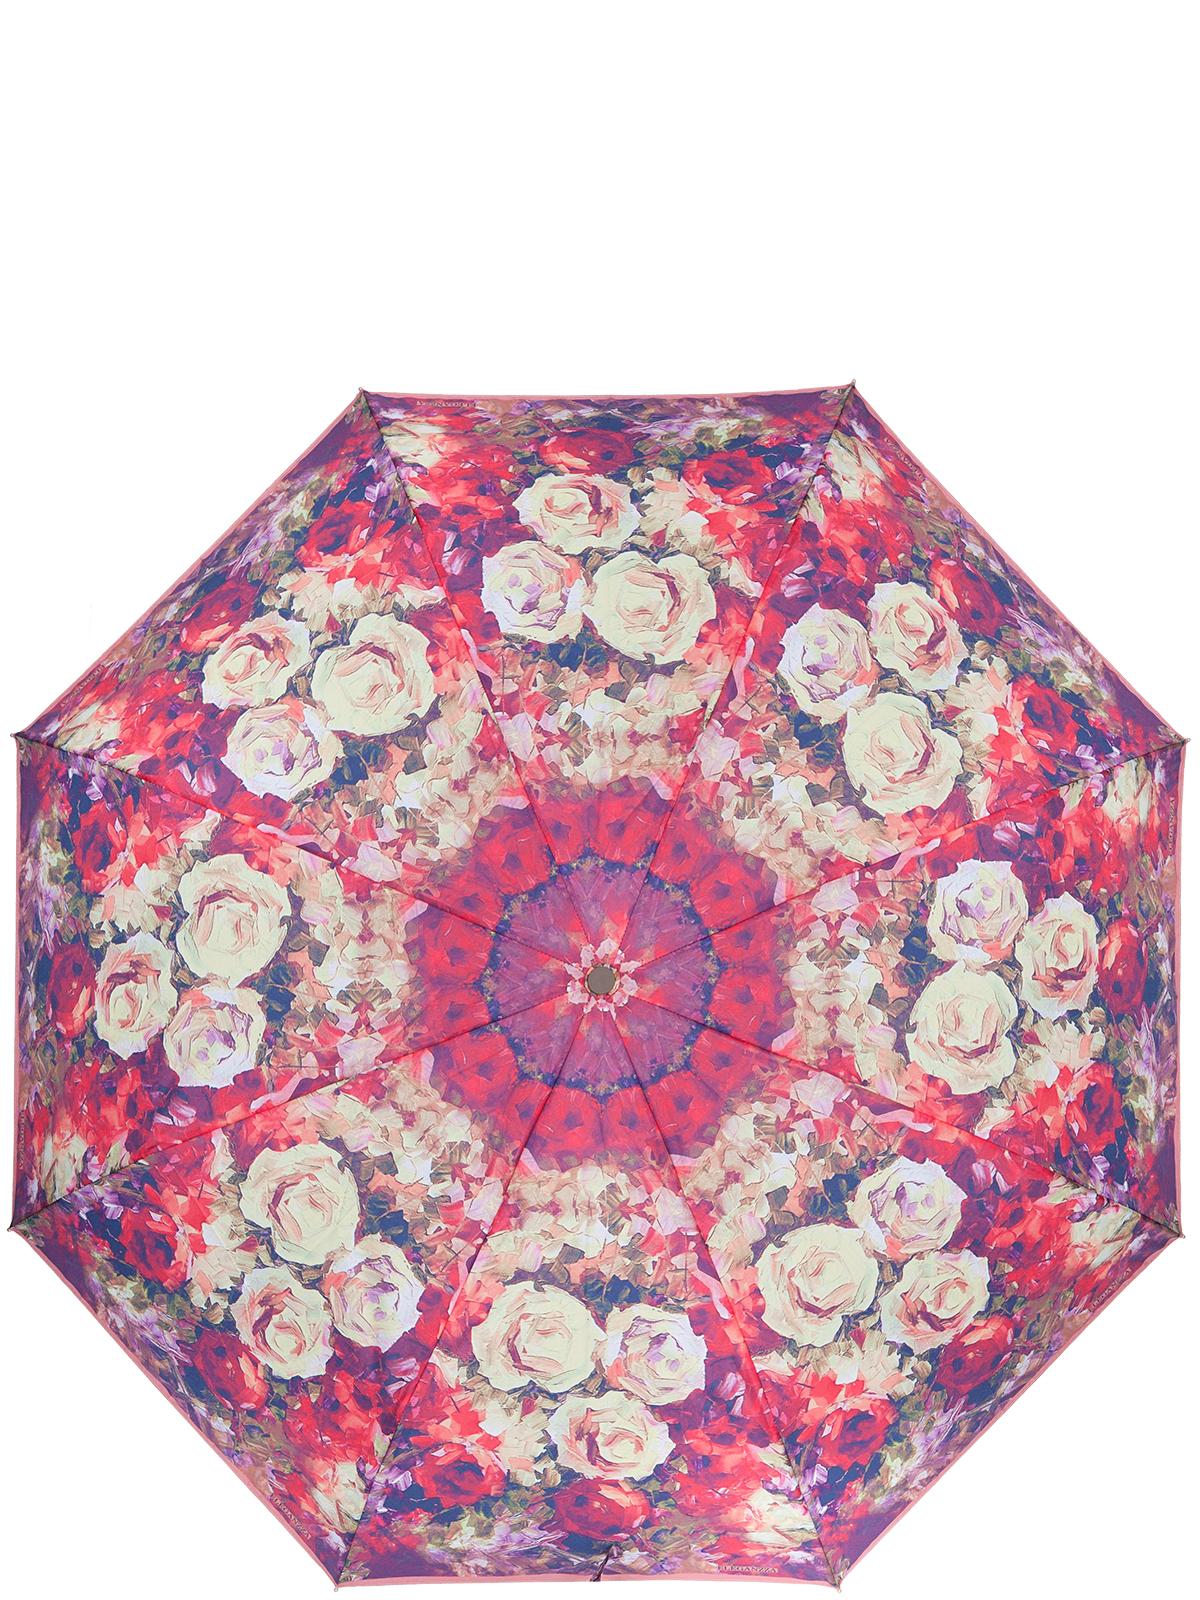 Зонт женский Eleganzza, цвет: фиолетовый. A3-05-0319LSA3-05-0319LSЖенский зонт-автомат торговой марки Eleganzza с каркасом Smart, который позволяет без особых усилий складывать зонт, не позволяя стержню вылетать обратно. Купол: 100% полиэстер, эпонж. Материал каркаса: сталь + фибергласс. Материал ручки: пластик. Длина изделия - 30 см. Диаметр купола - 105 см. Система Smart, не позволяет стержню при сложении вылететь обратно, это облегчает сложение зонта! При сложении есть характерный звук-треск, как трещетка. Примечание: зонт не откроется с кнопки если его не закрыть до щелчка.